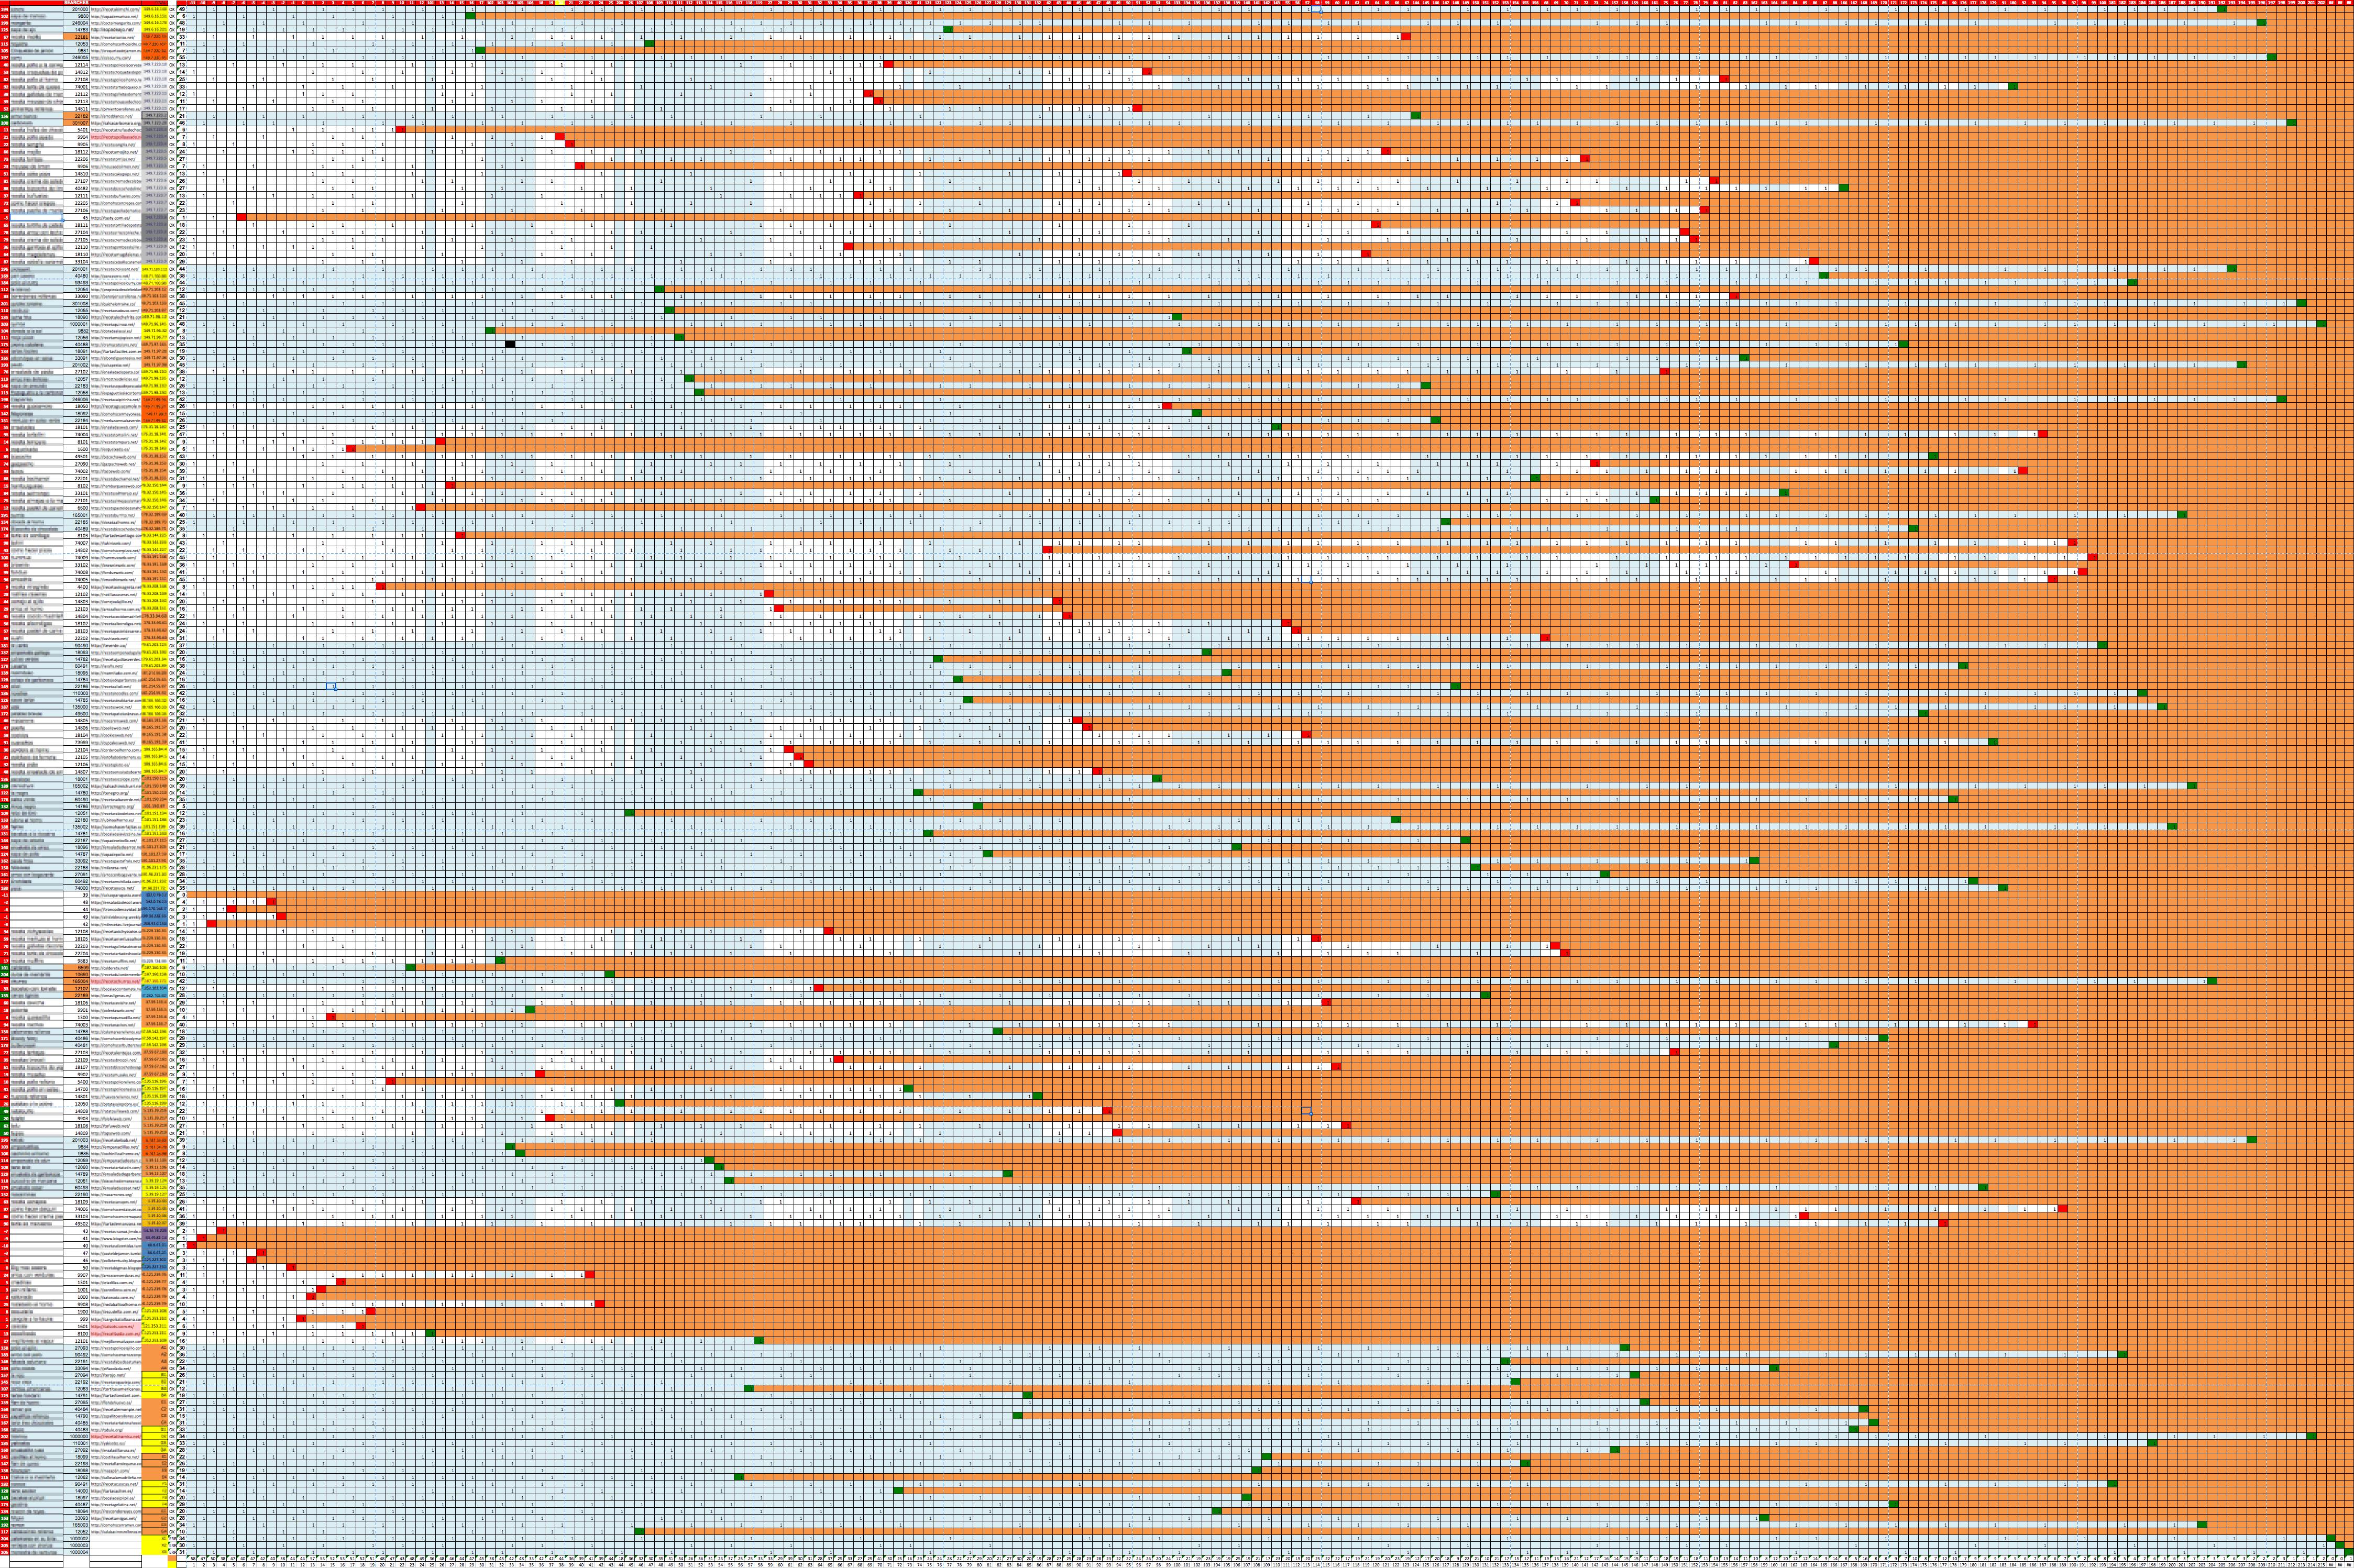 Excel con el enlazado de las webs de la MBN